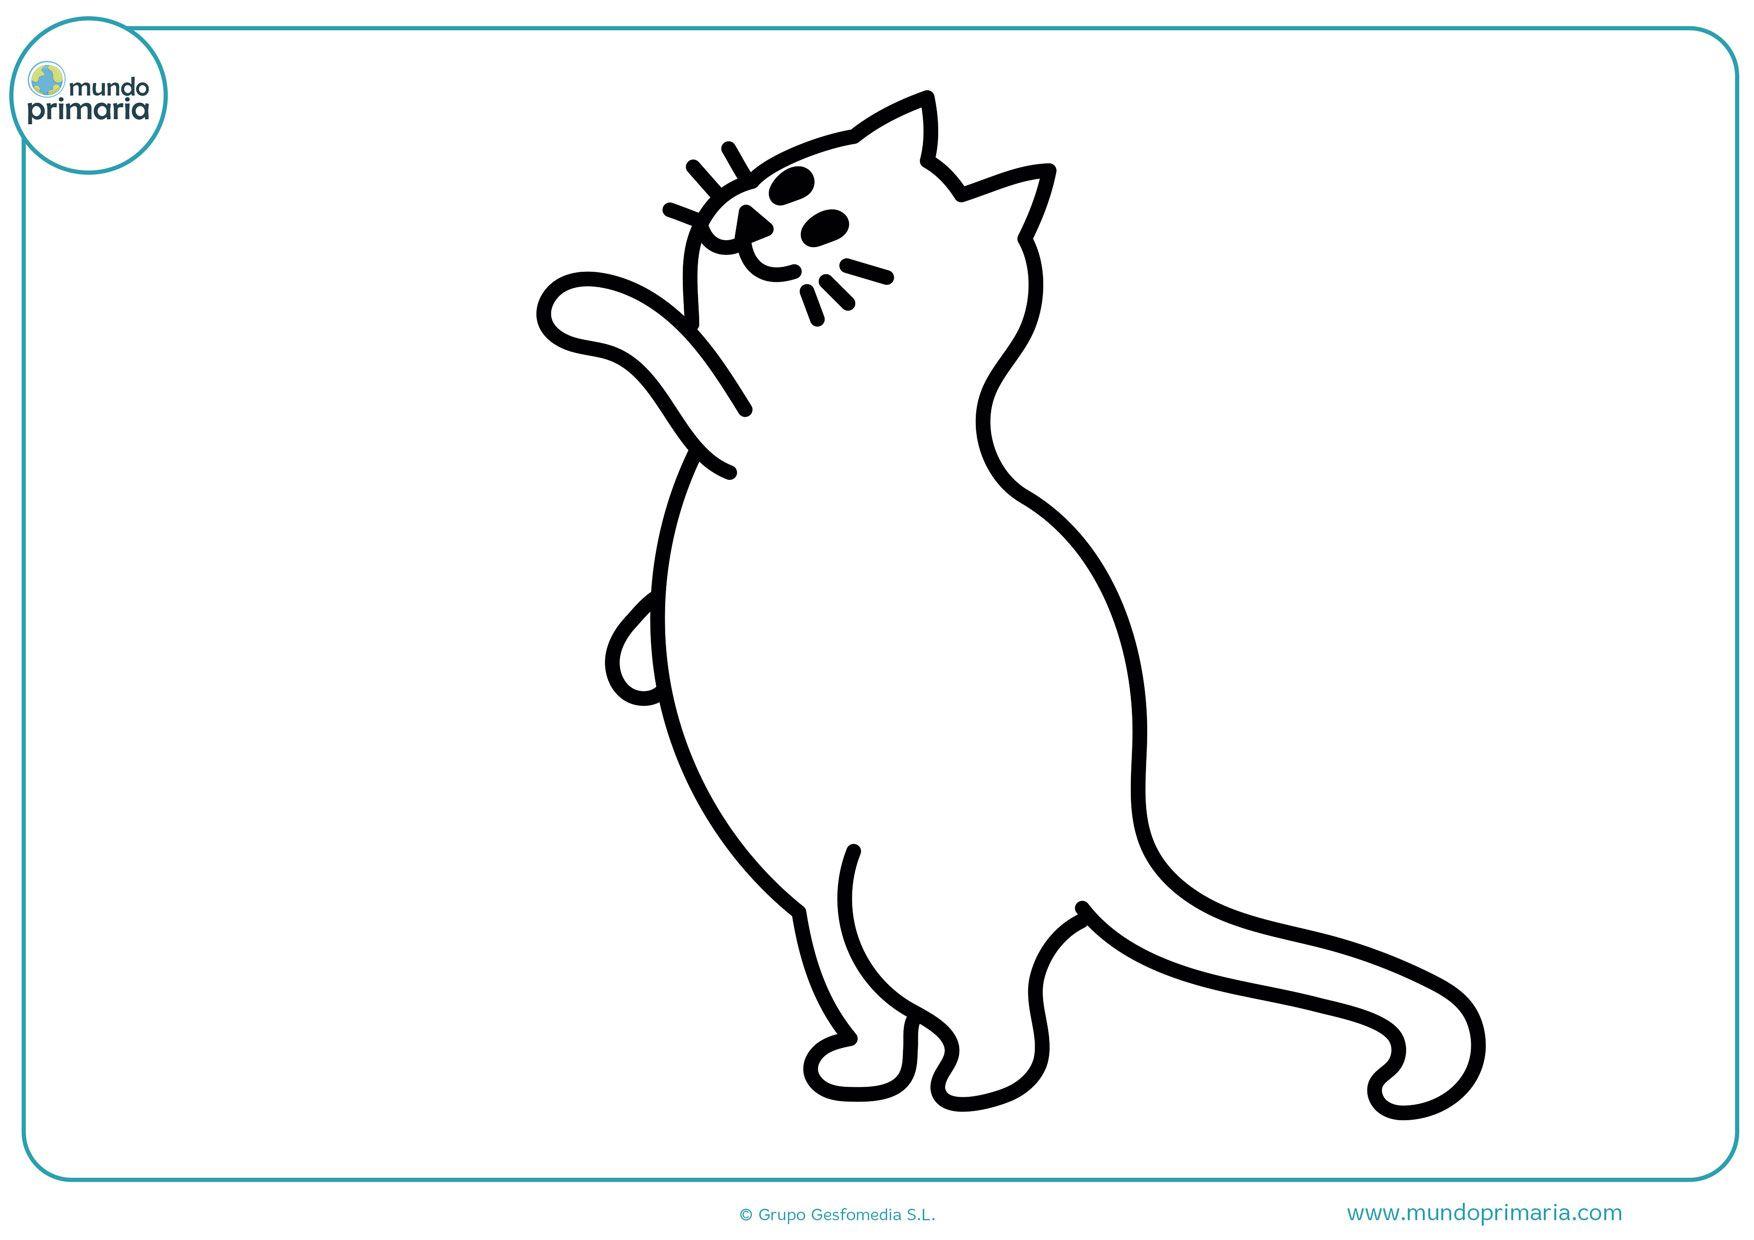 Dibujos De Gatos Para Imprimir Y Colorear Mundo Primaria Gatito Para Colorear Dibujos De Gatos Gatos